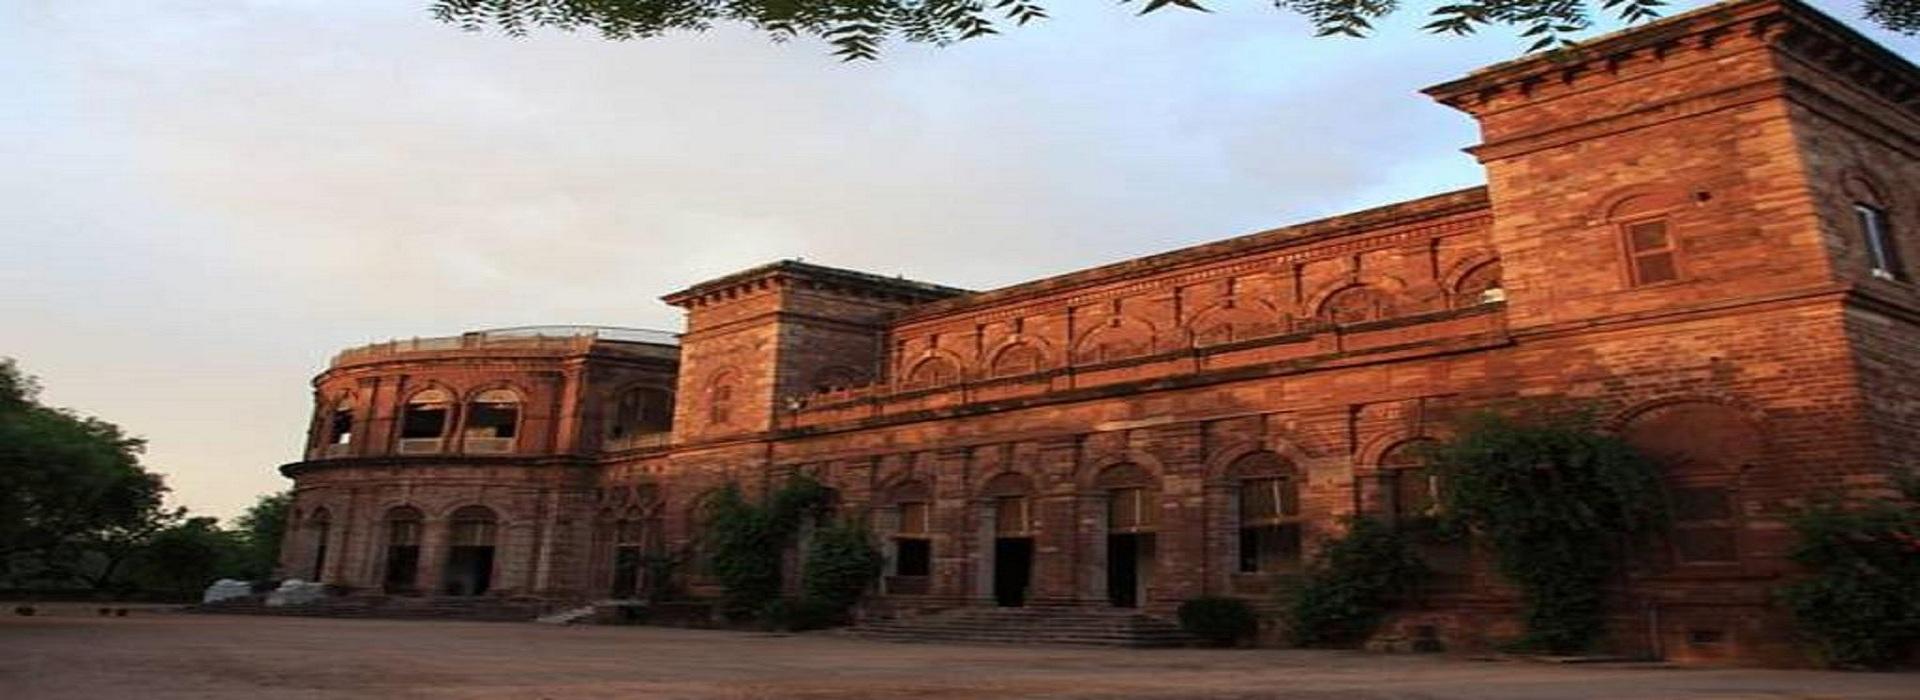 Taj Mahal Luxury Tour with Heritage hotel Stay – Raj Niwas Palace